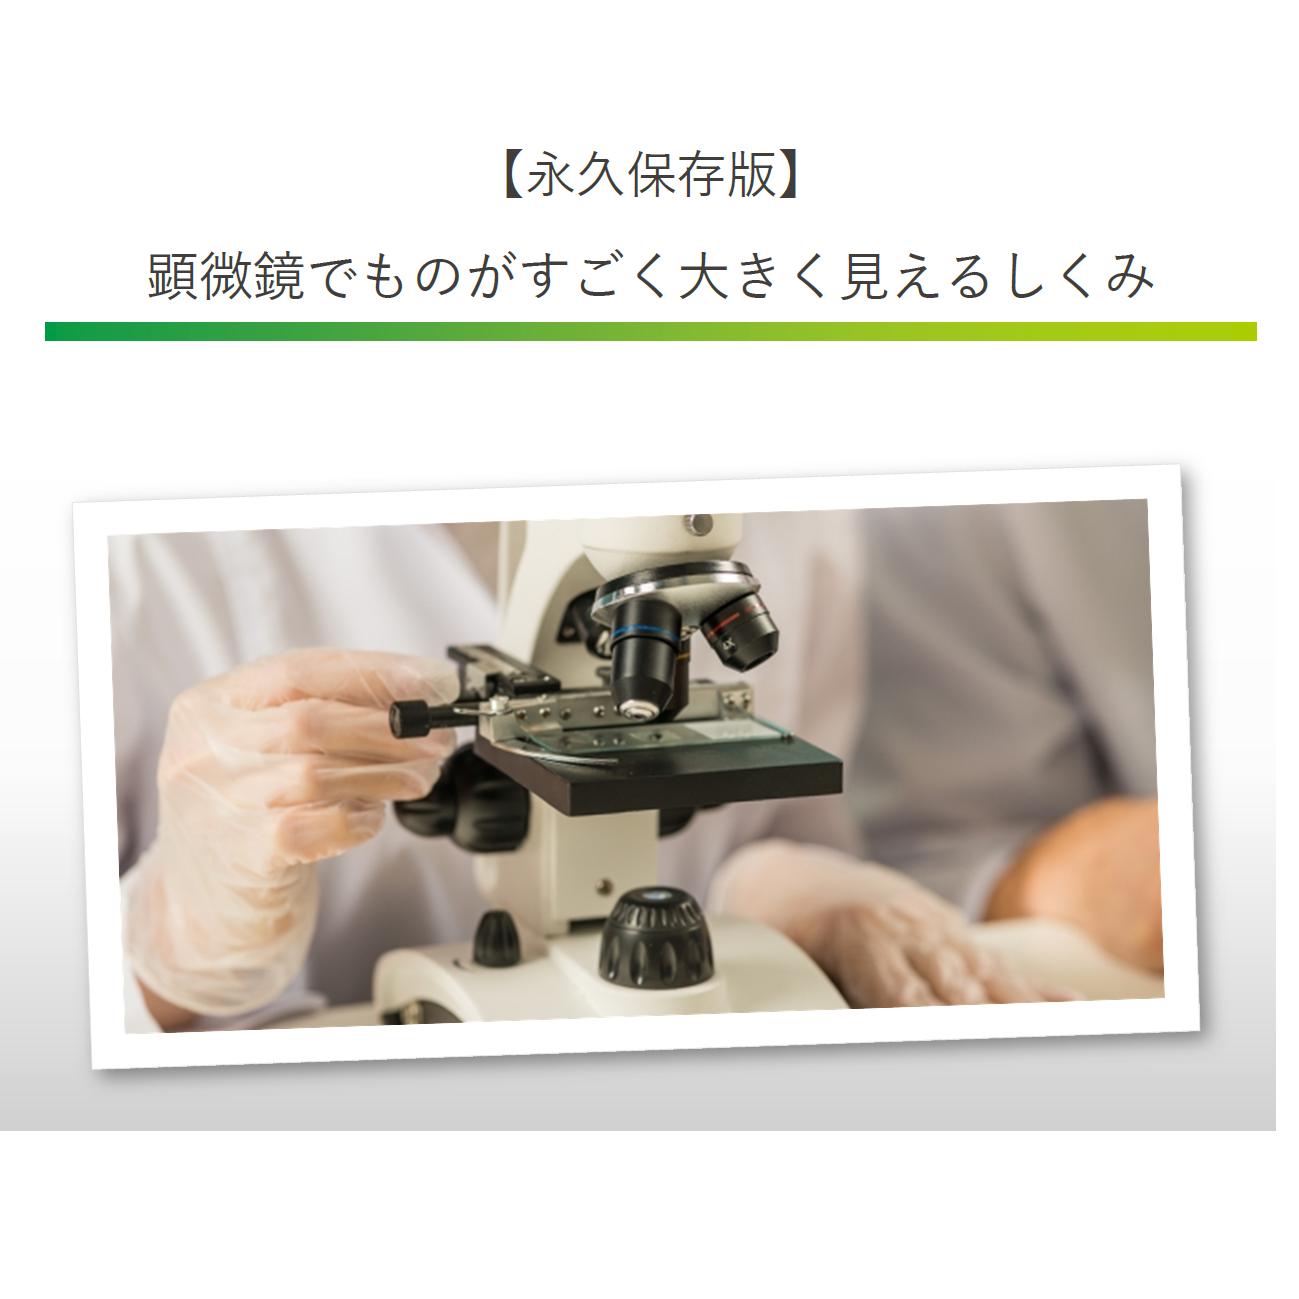 顕微鏡拡大まとめ